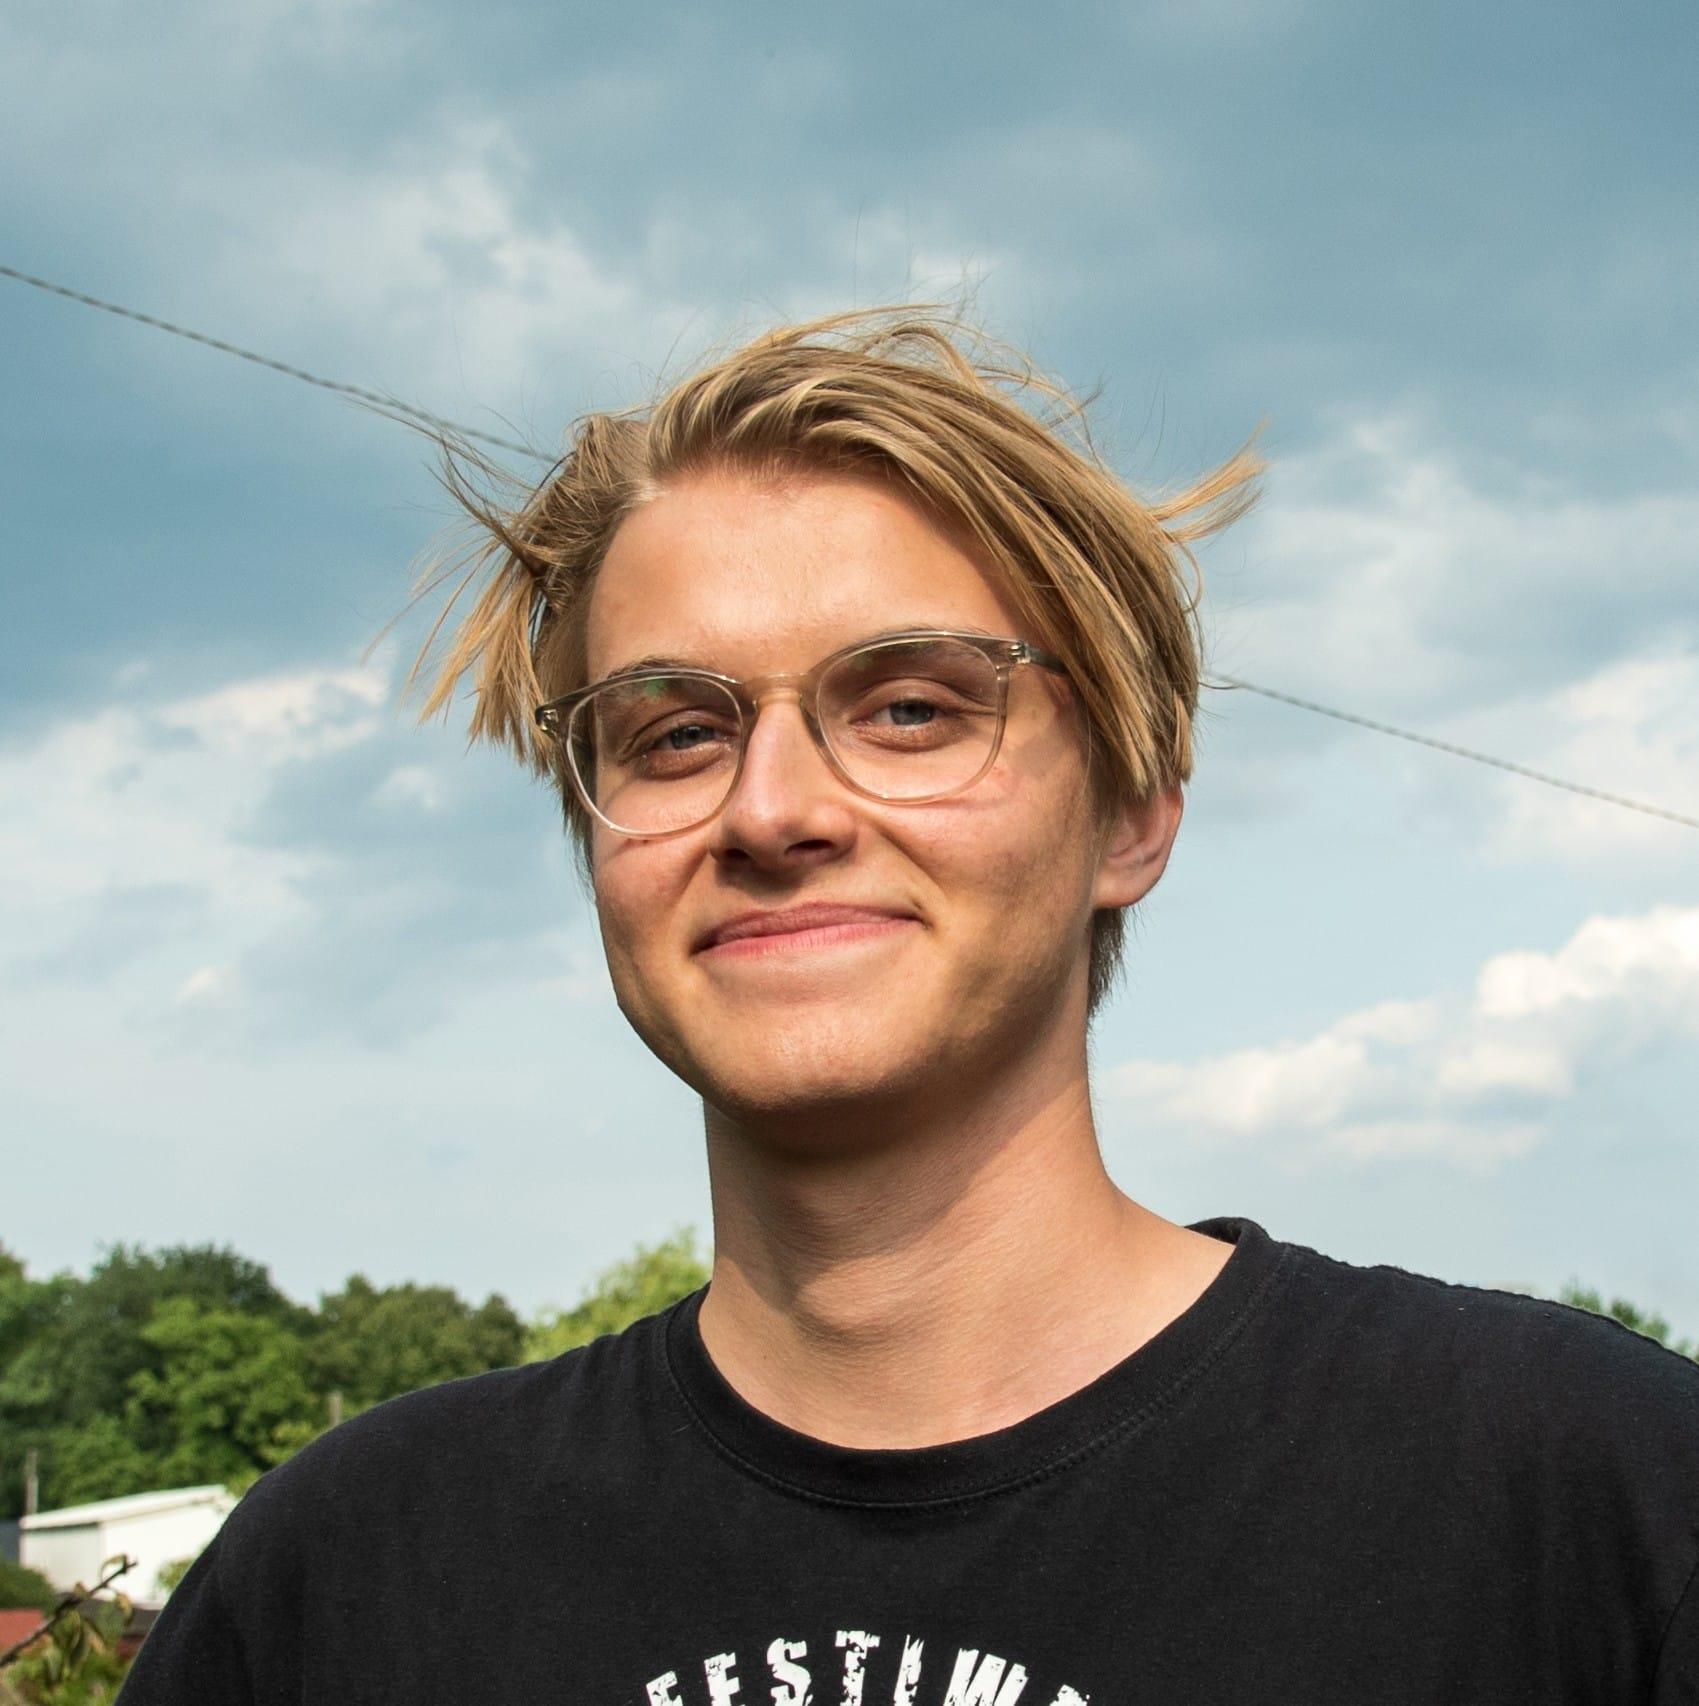 yasiu.pl avatar